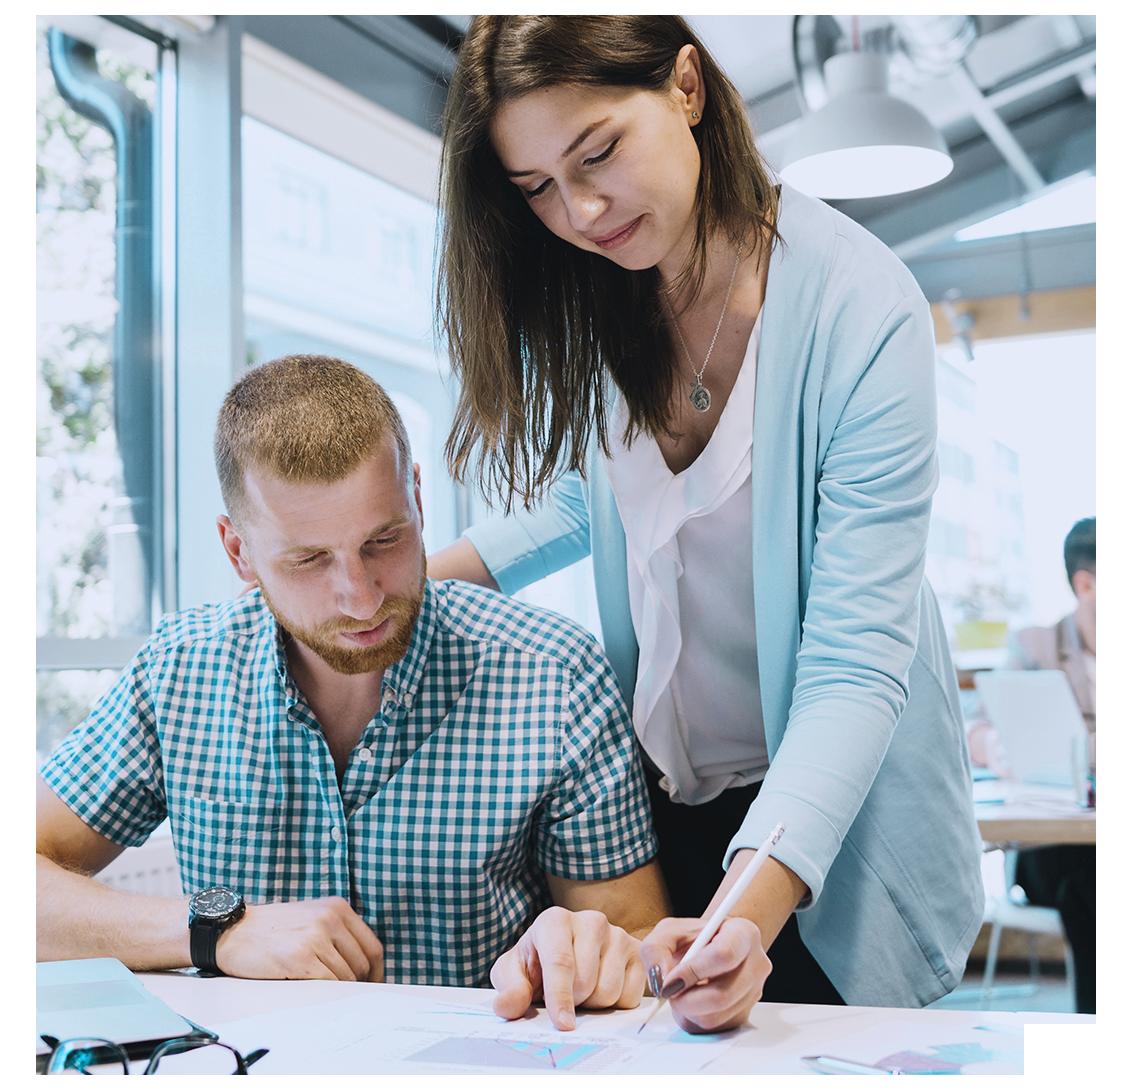 gestora-mostrando-indicadores-para-um-colaborador